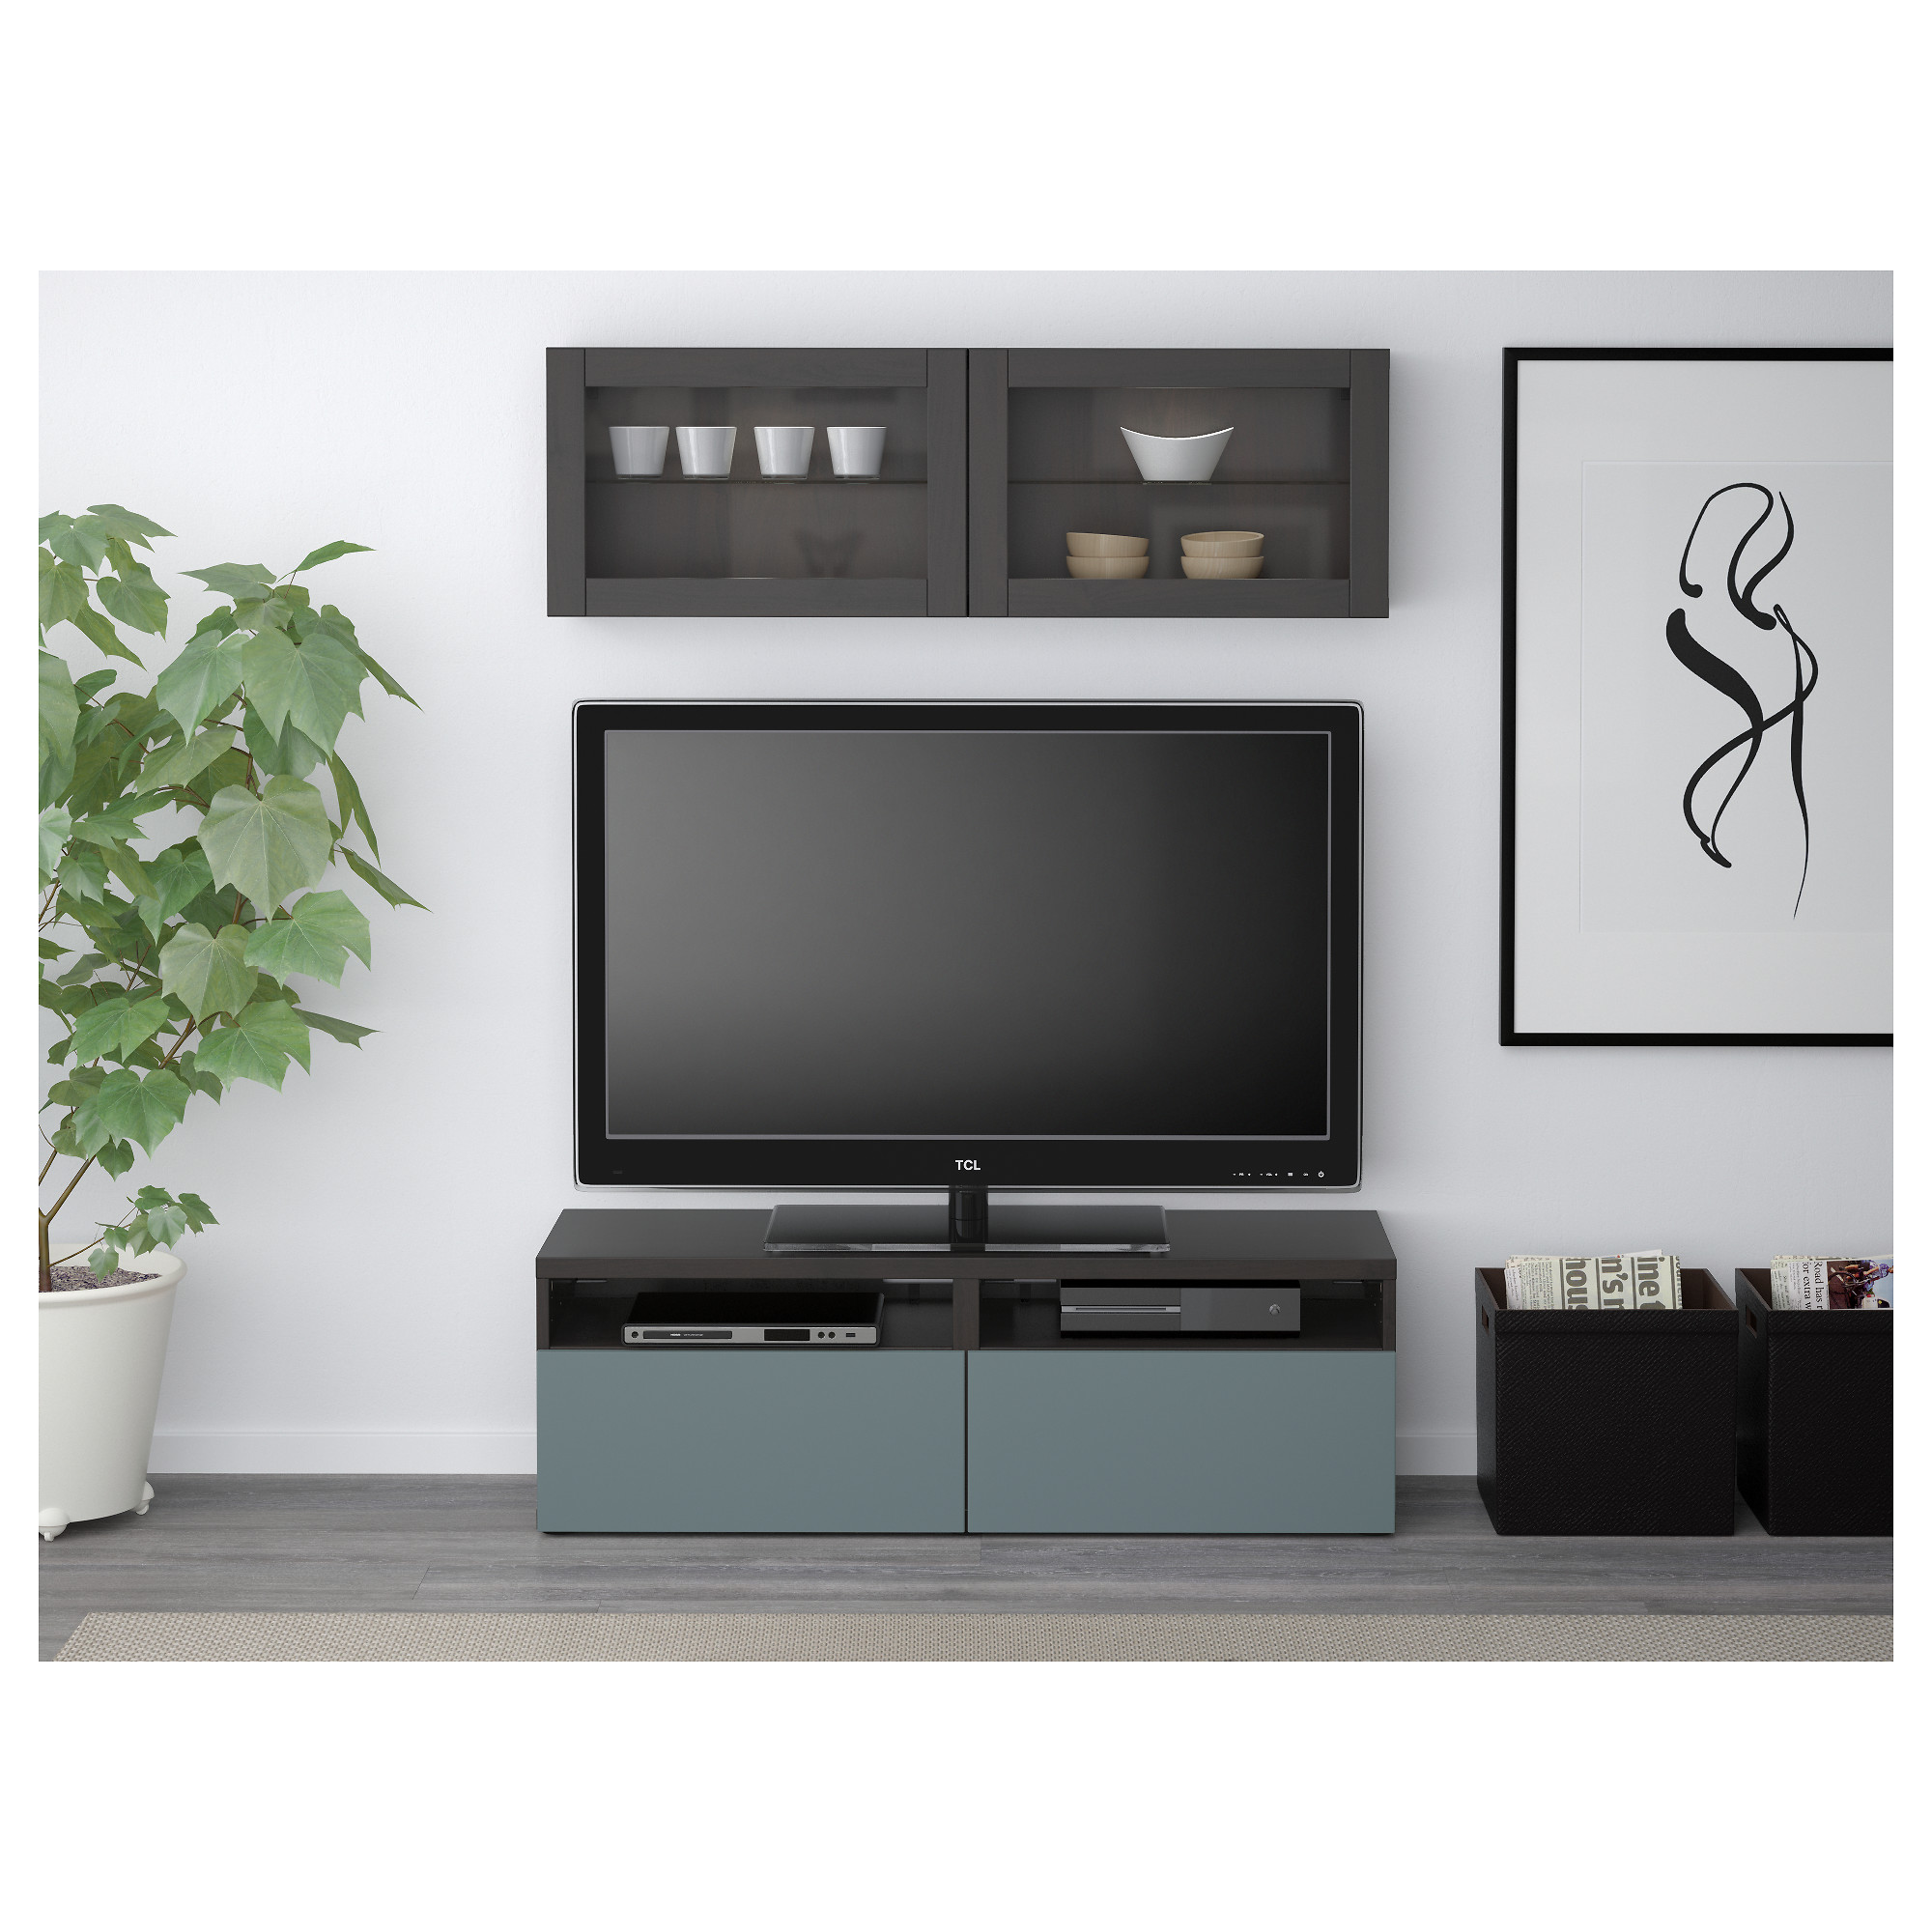 Шкаф для ТВ, комбинированный, стекляные дверцы БЕСТО артикуль № 792.504.92 в наличии. Online магазин IKEA Минск. Быстрая доставка и соборка.